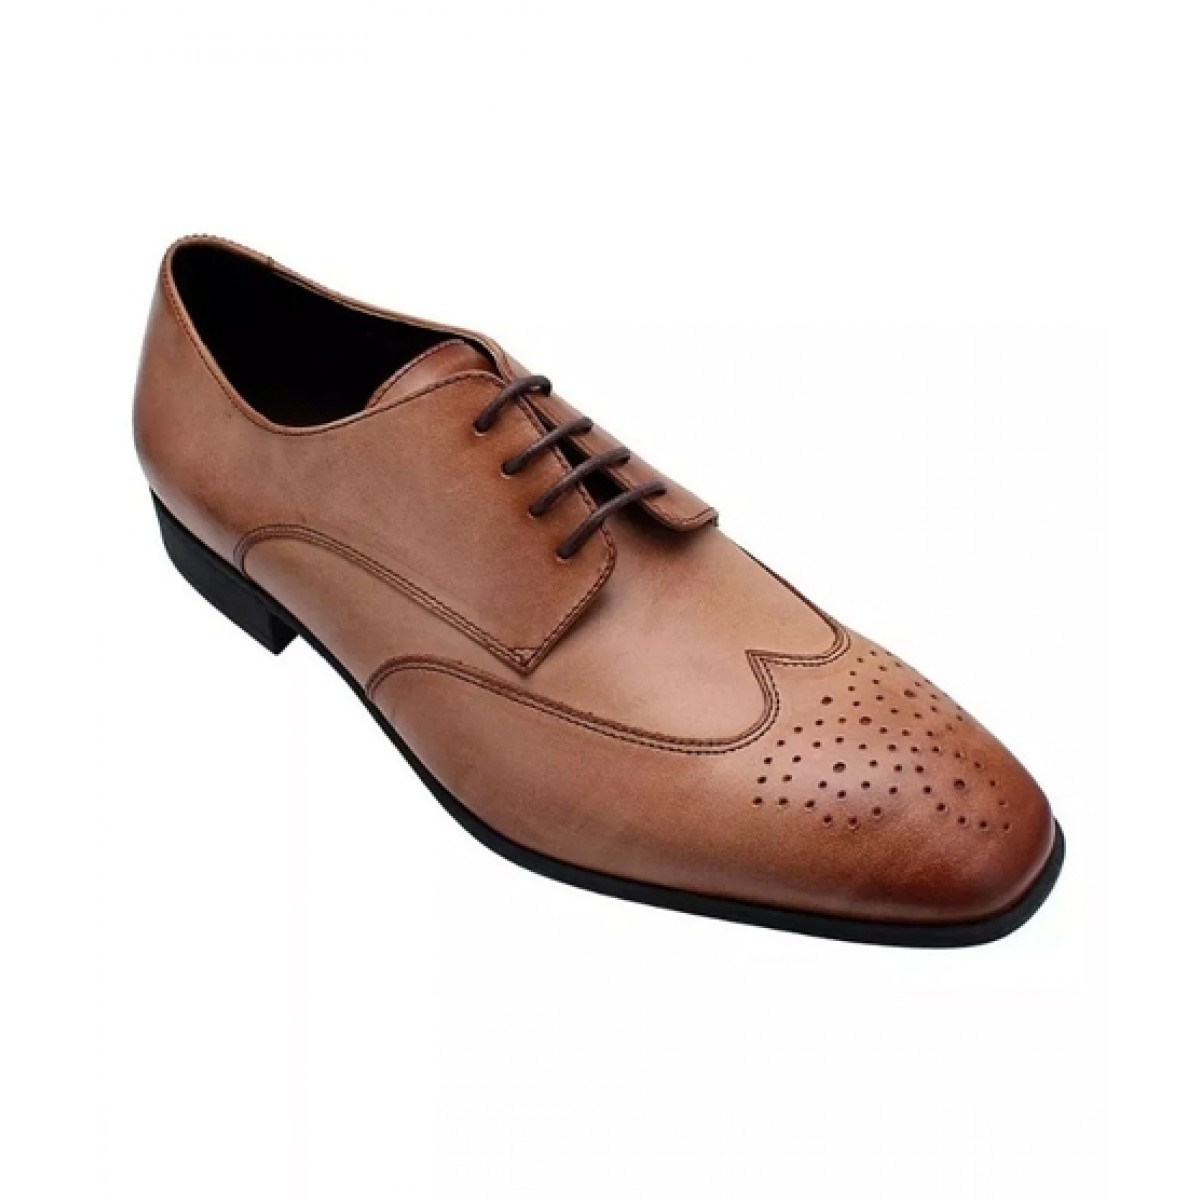 Marc Kessler Formal Wingtip Brogue Derby Shoes For Men Cream (MK-SM-0006)